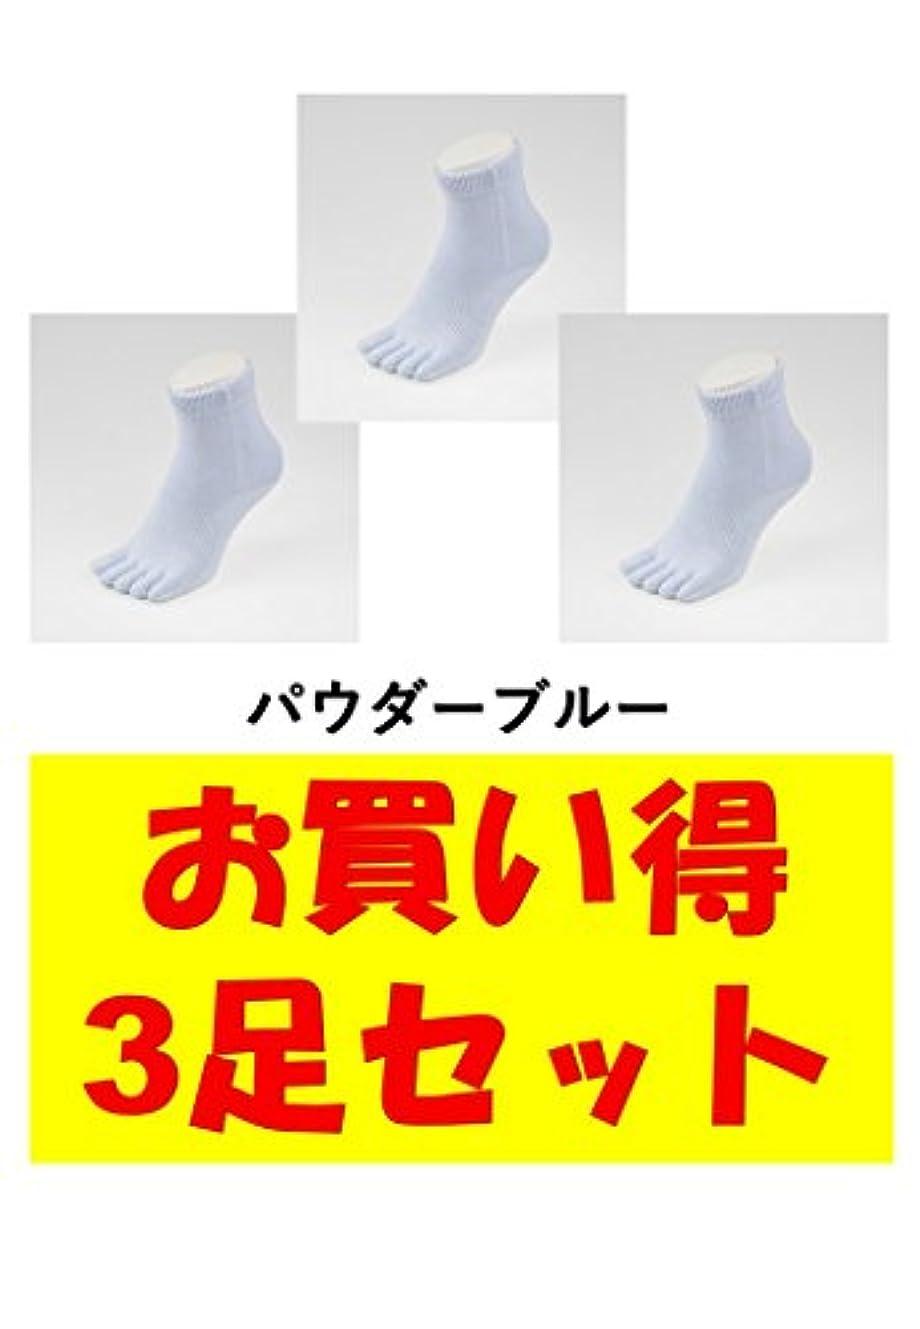 形容詞水族館驚くべきお買い得3足セット 5本指 ゆびのばソックス Neo EVE(イヴ) パウダーブルー Sサイズ(21.0cm - 24.0cm) YSNEVE-PBL